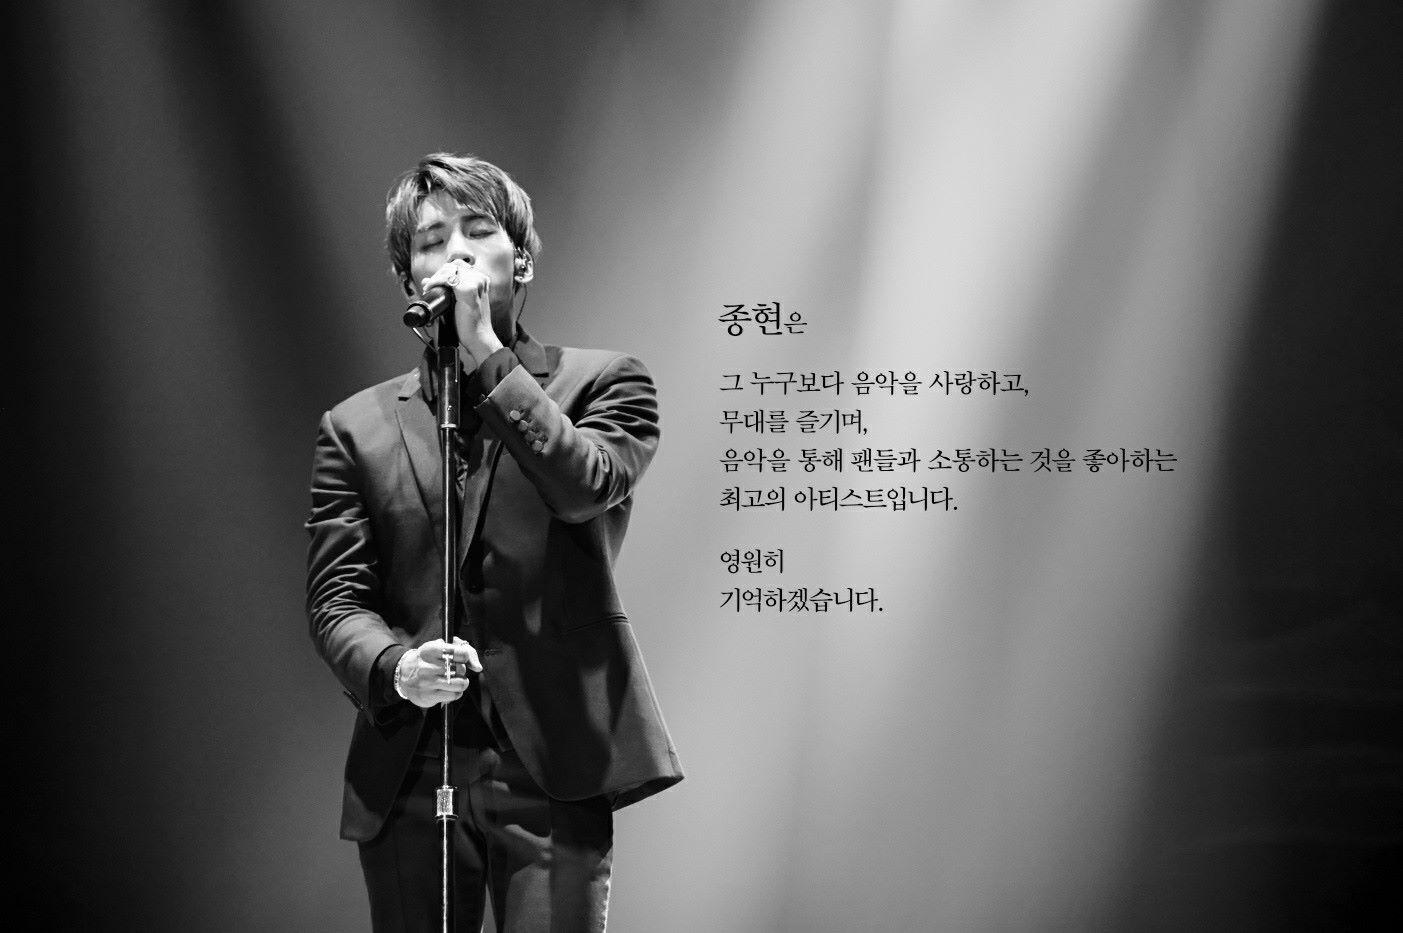 SHINee成員鐘鉉於18日經紀公司SM證實已過世 因為折磨已久的憂鬱症而自殺 消息一傳出震撼演藝圈